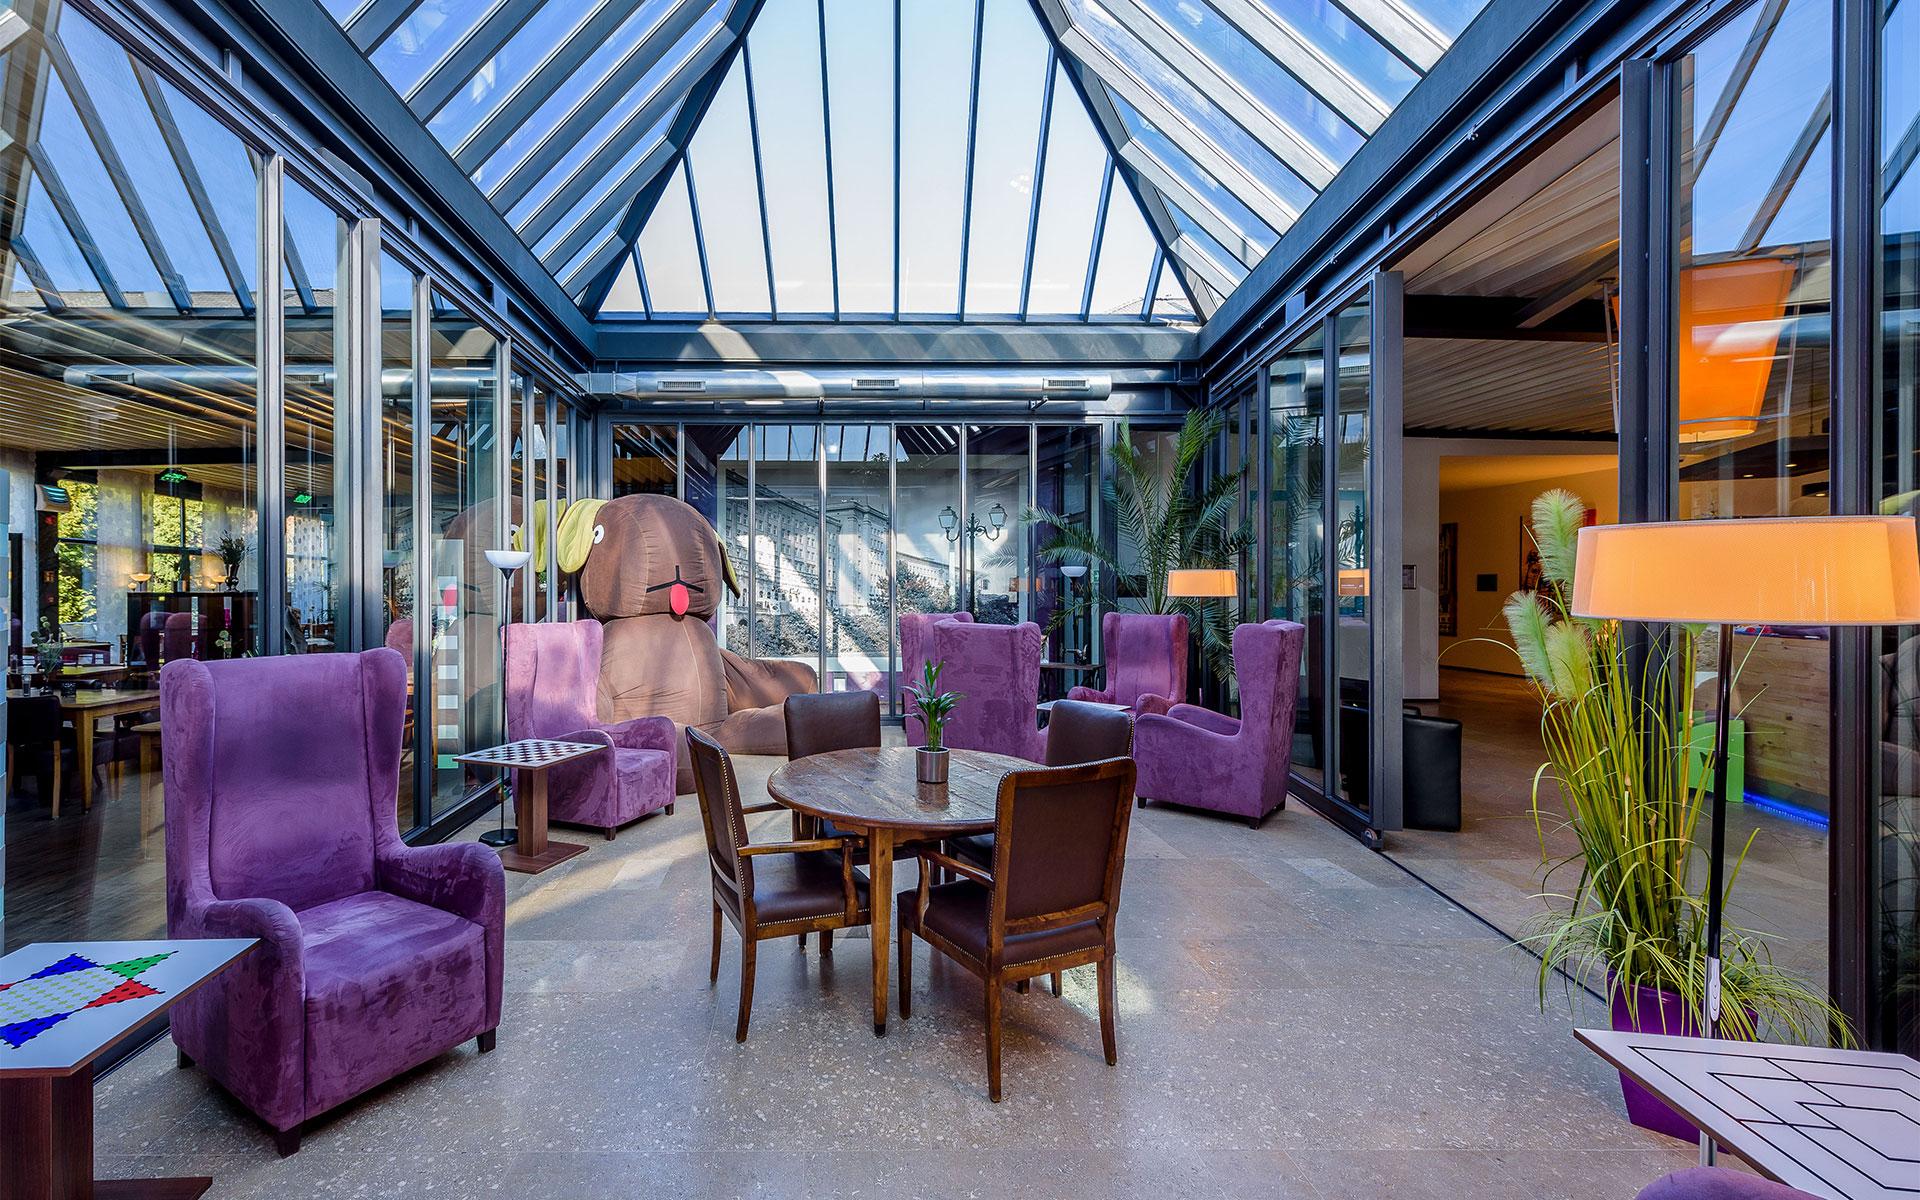 Ibis Hotel Aachen Adresse